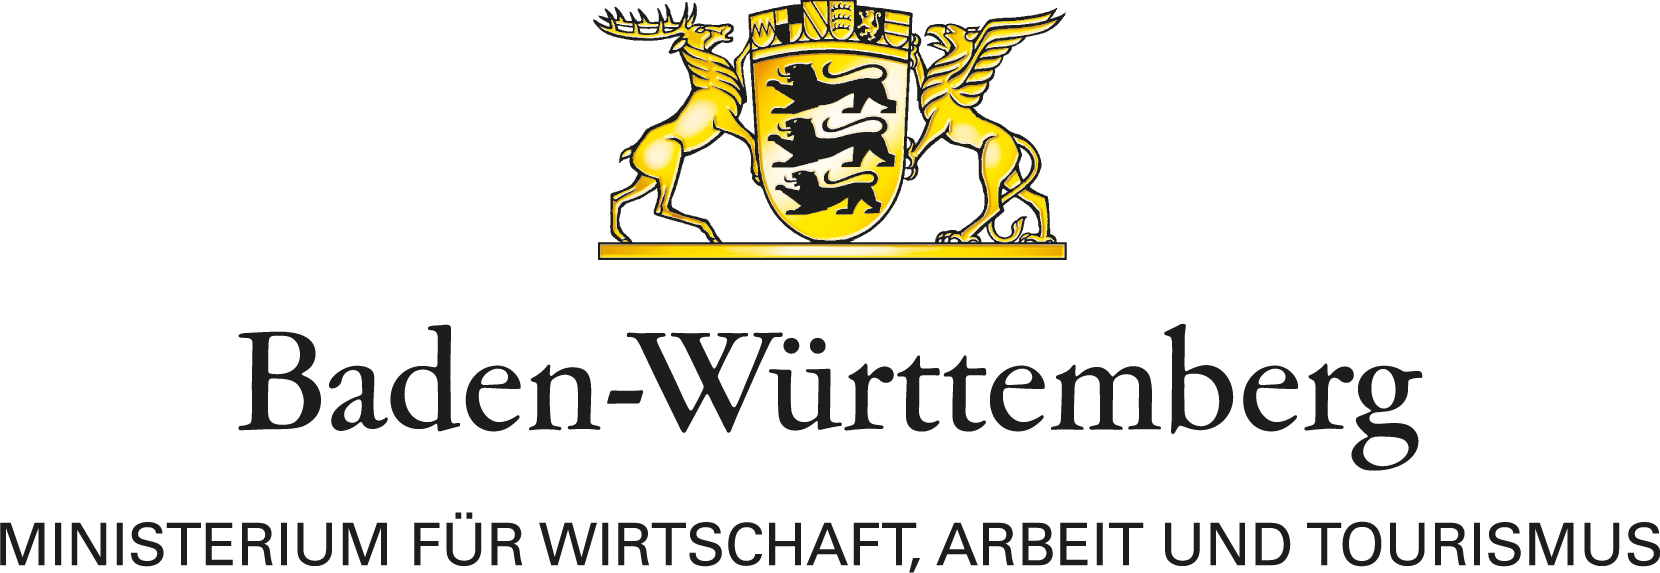 WM logo jpg